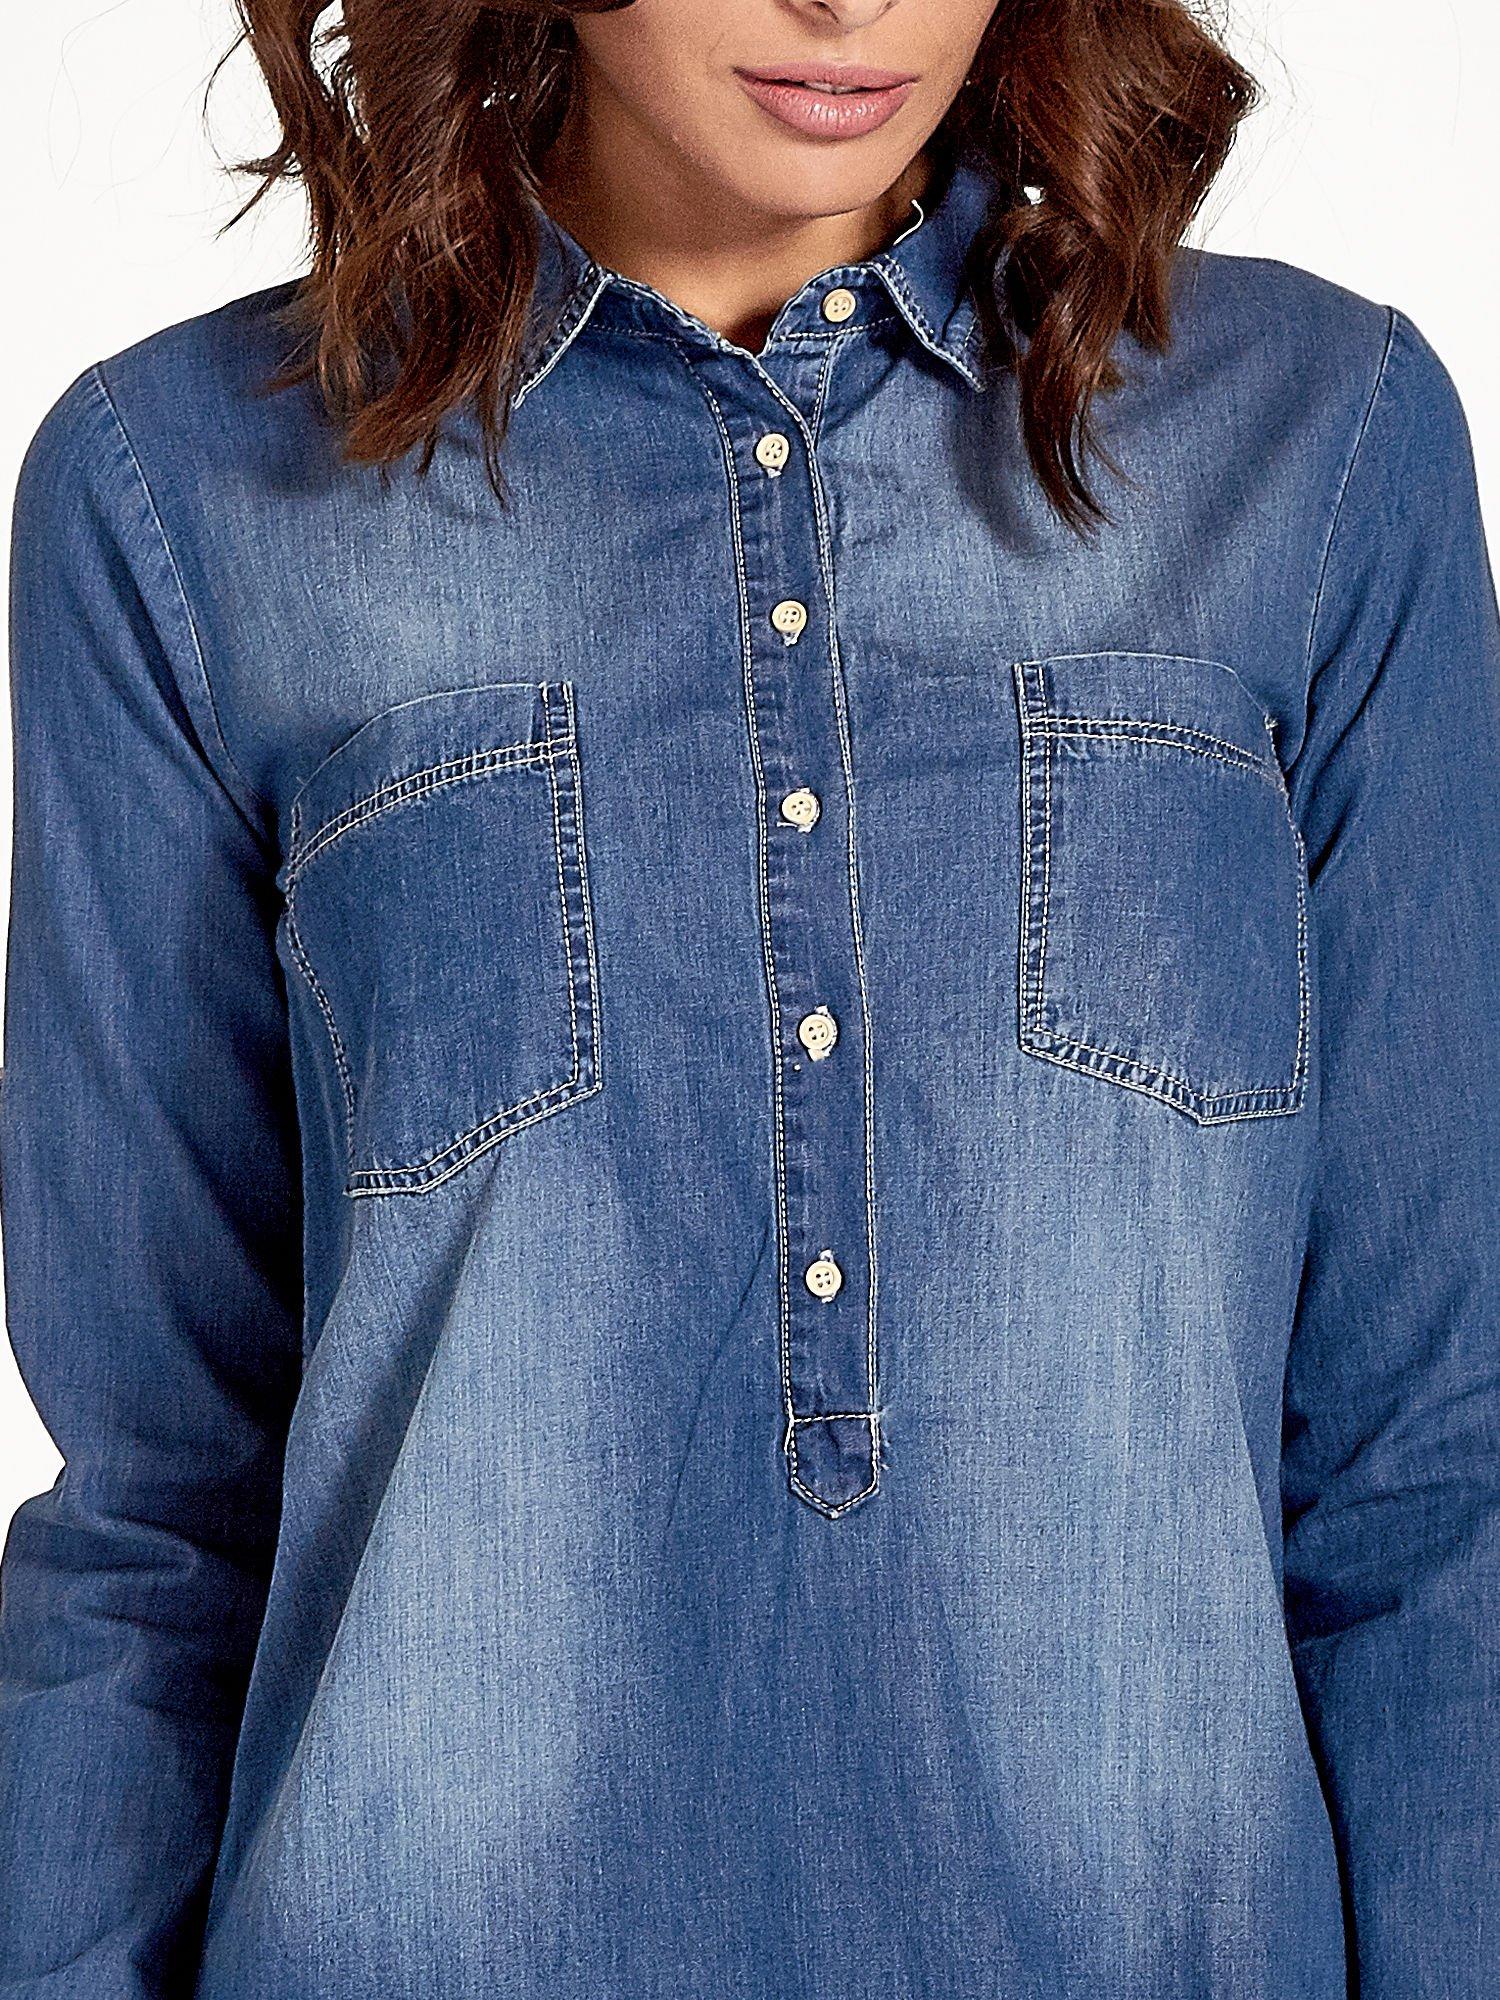 Ciemnoniebieska jeansowa długa koszula z kieszeniami                                  zdj.                                  7